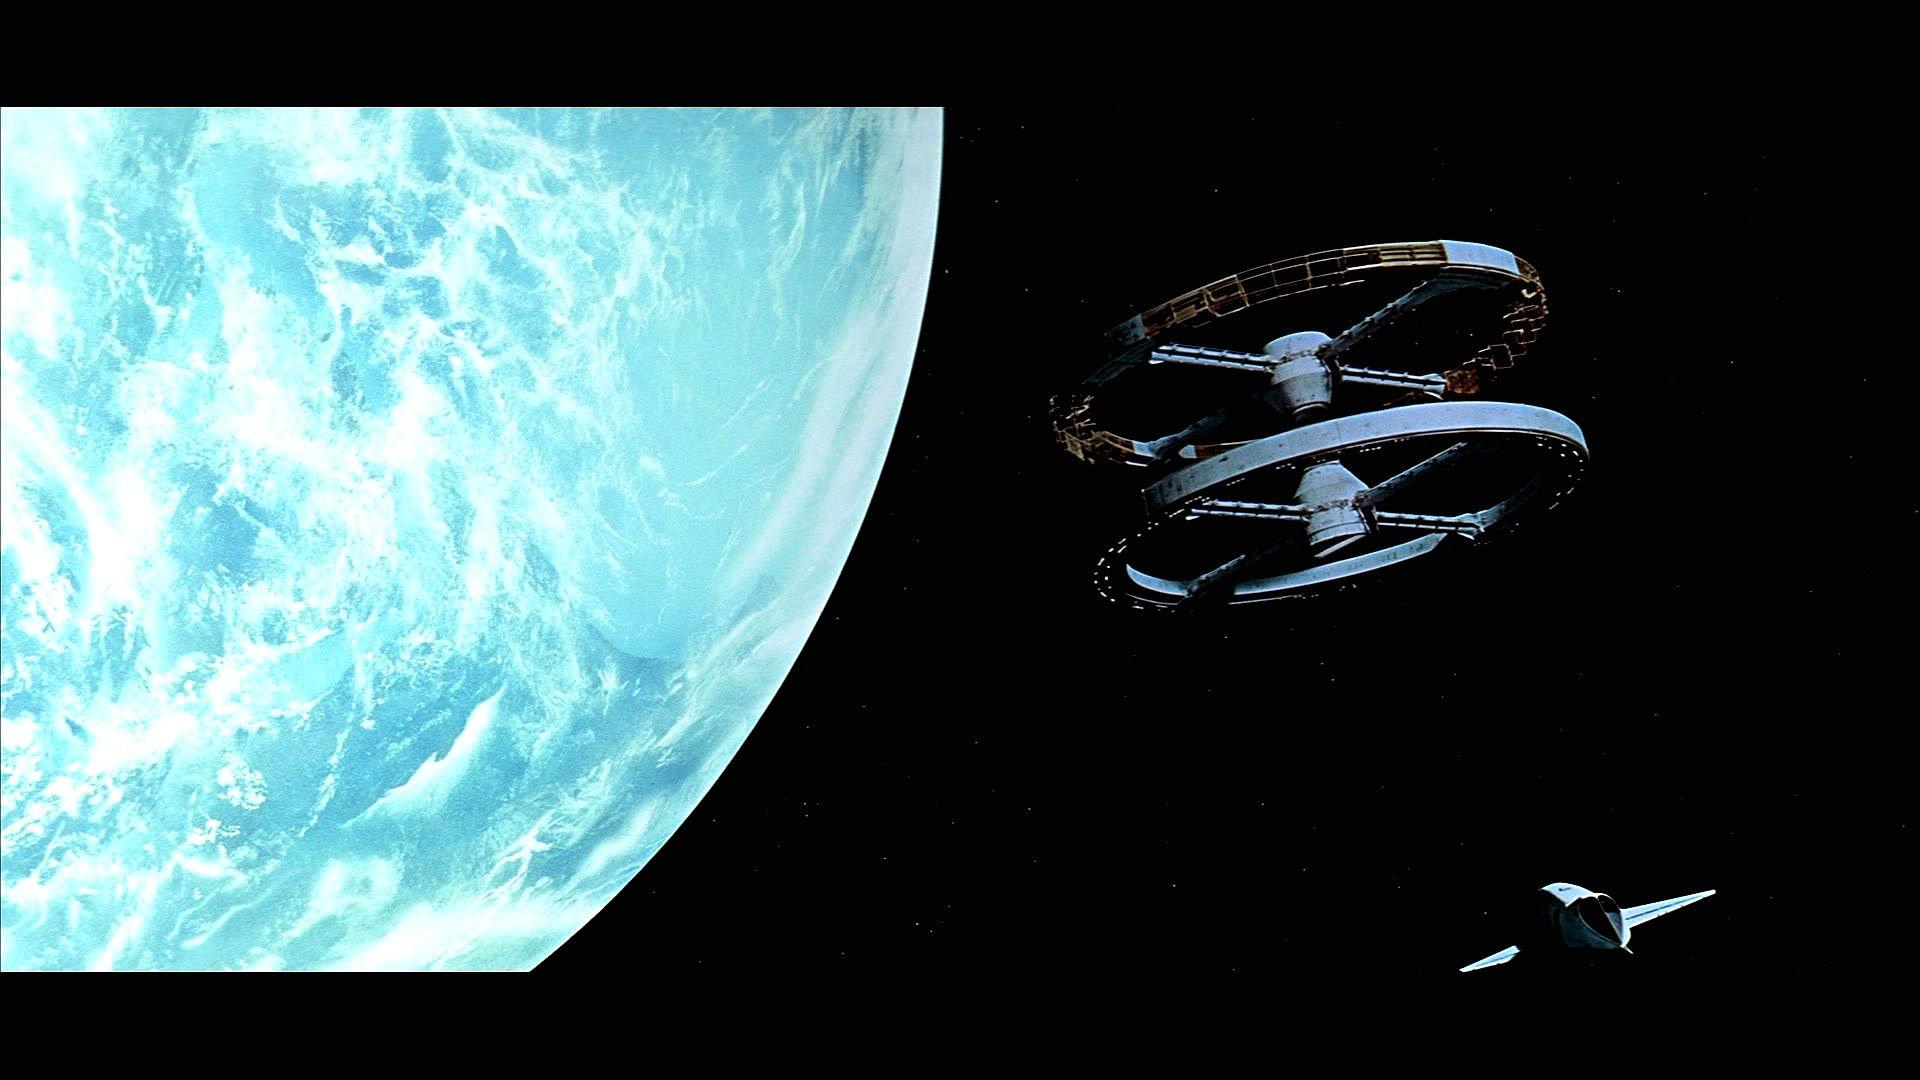 2001_space_odyssey_sci_fi_mystery_futuristic_spaceship_1920x1080